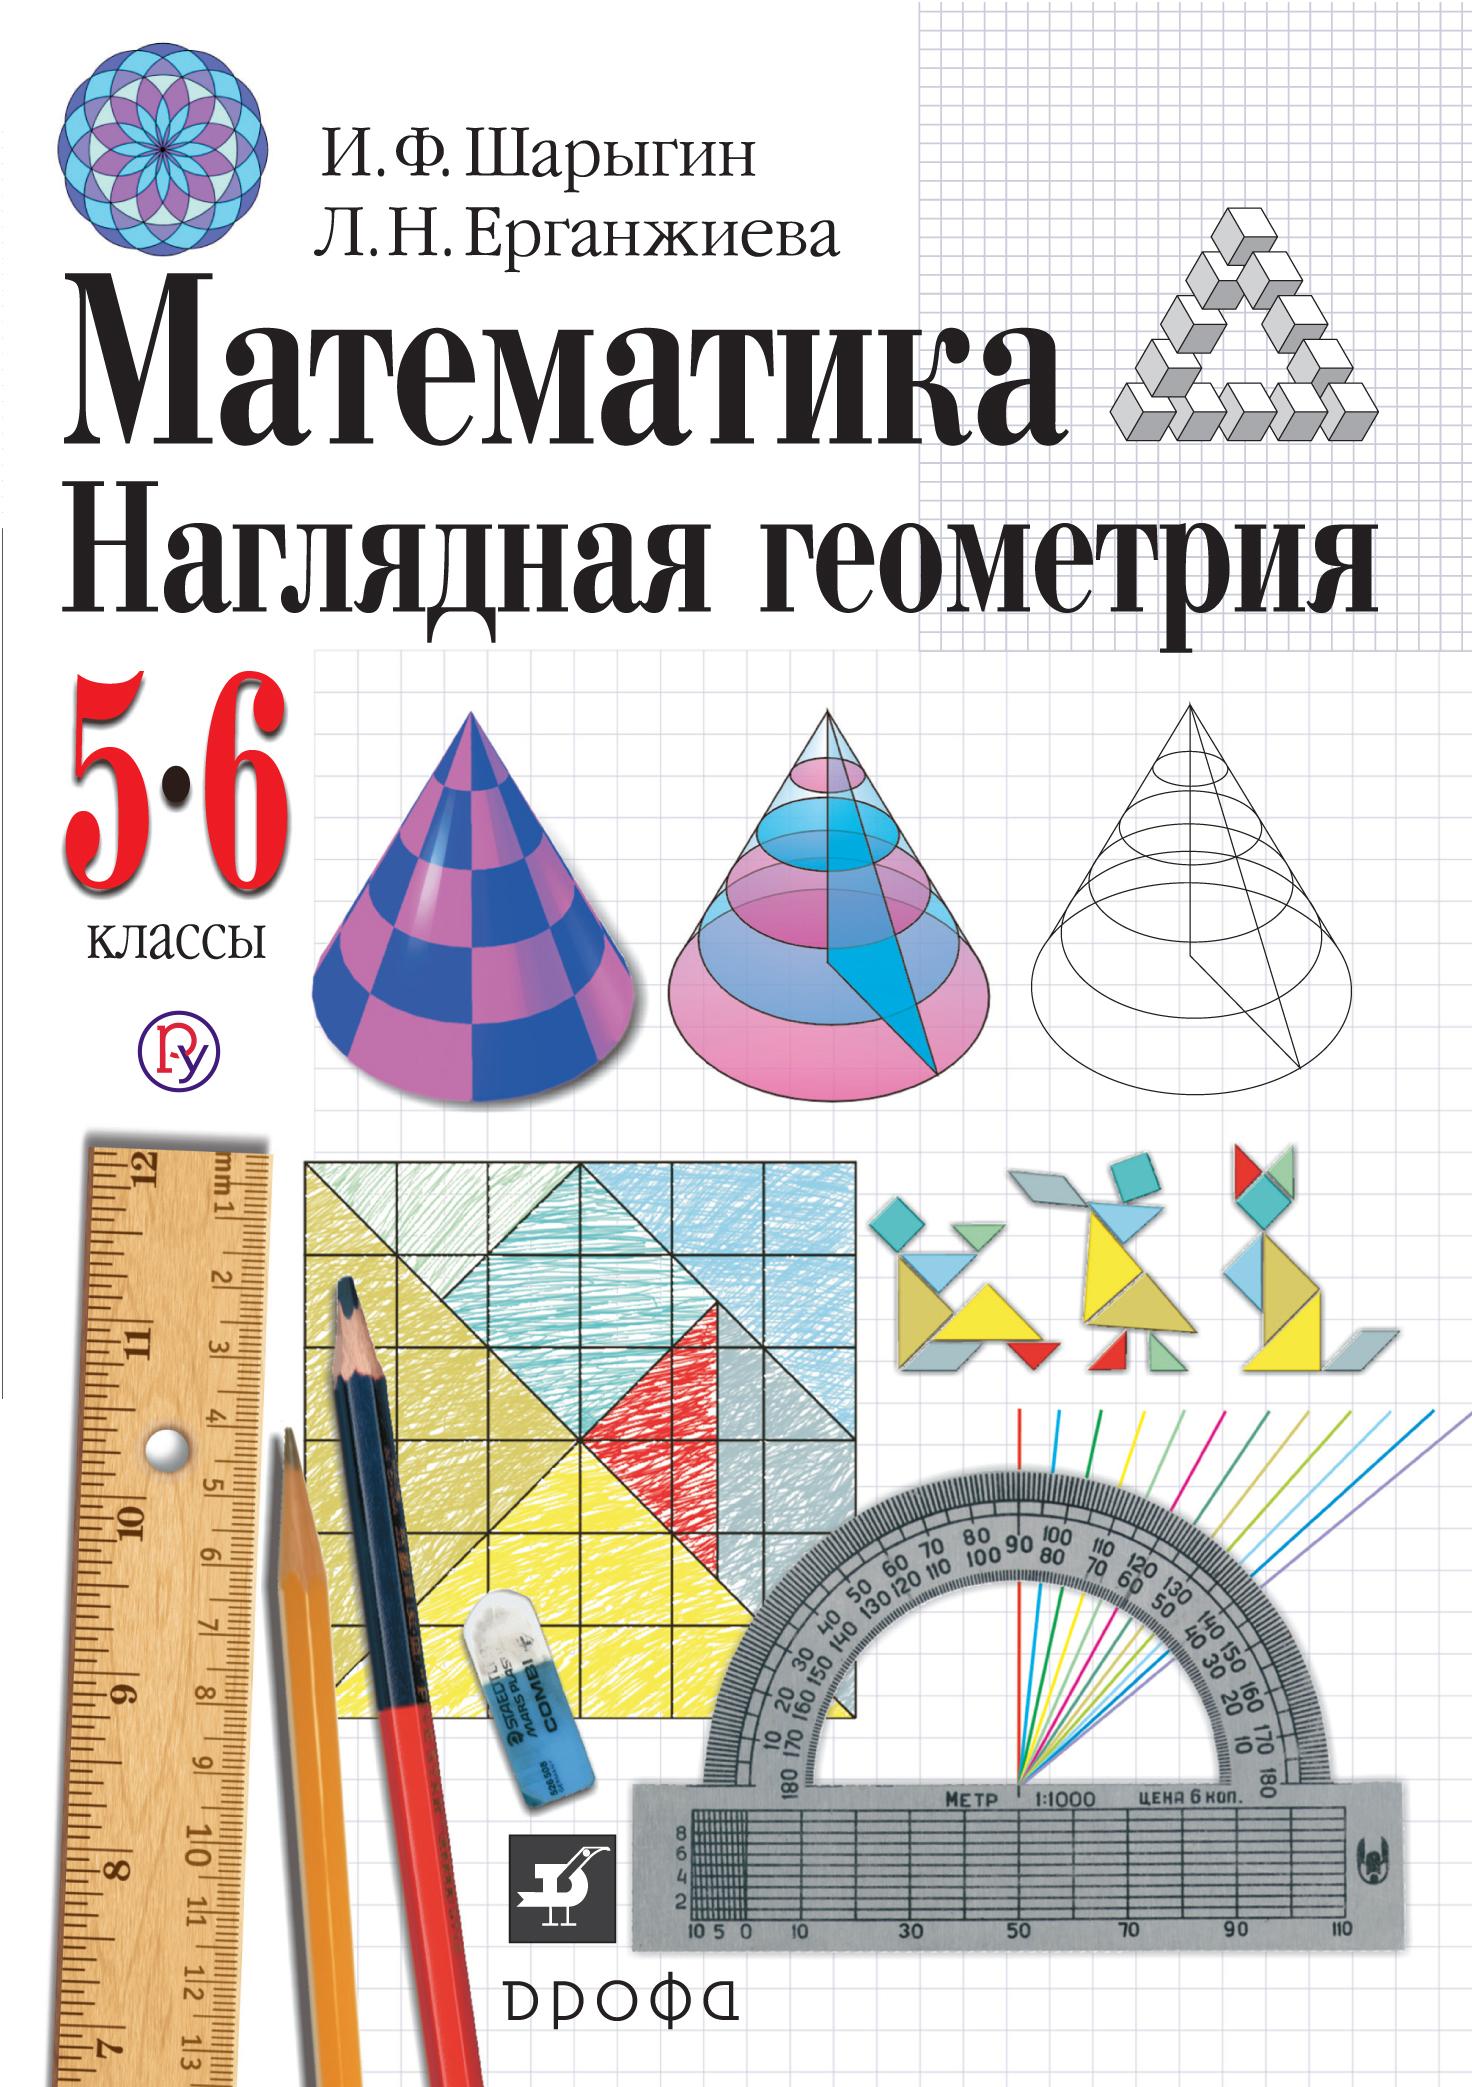 Гдз по наглядной геометрии и ф шарыгин